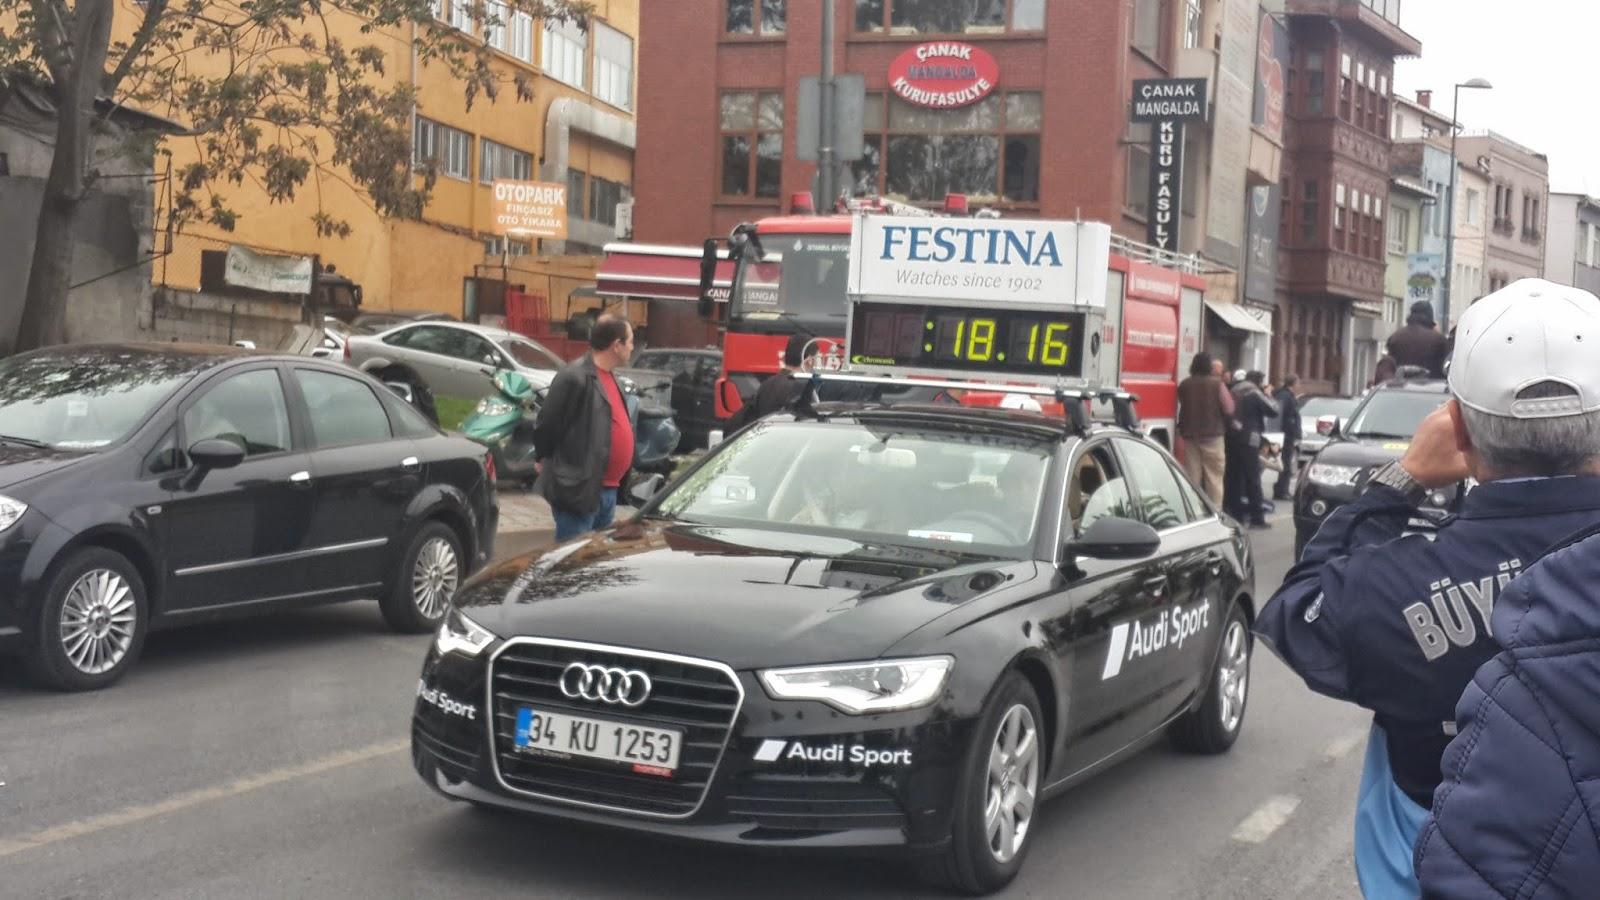 Vodafone Yarı İstanbul Maratonu 2014 Nisan Zaman Sponsoru Festina